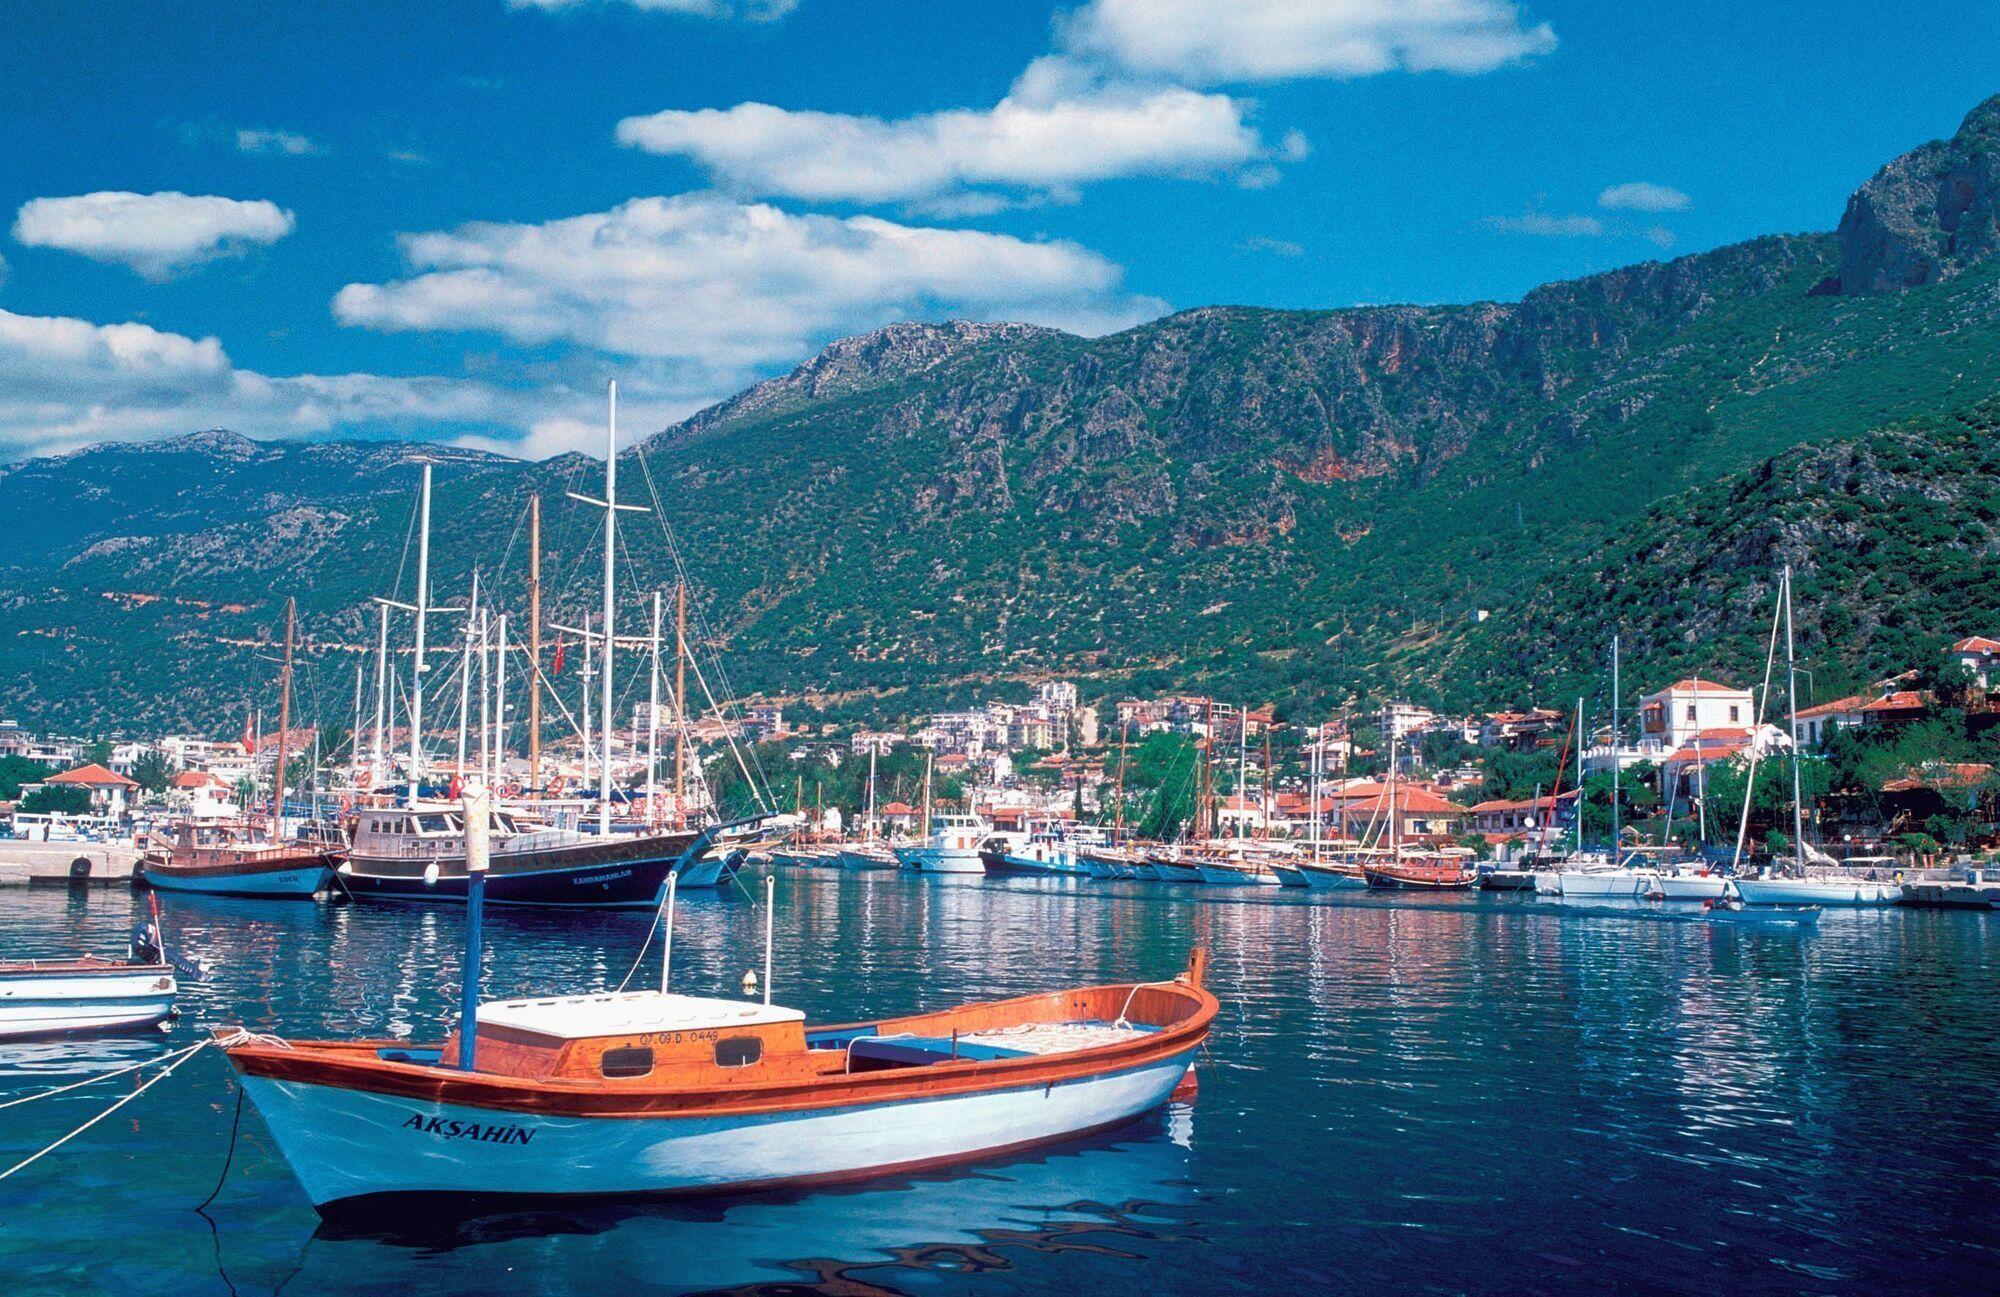 Кемер считается одним из тусовочных городков на Средиземноморском побережье